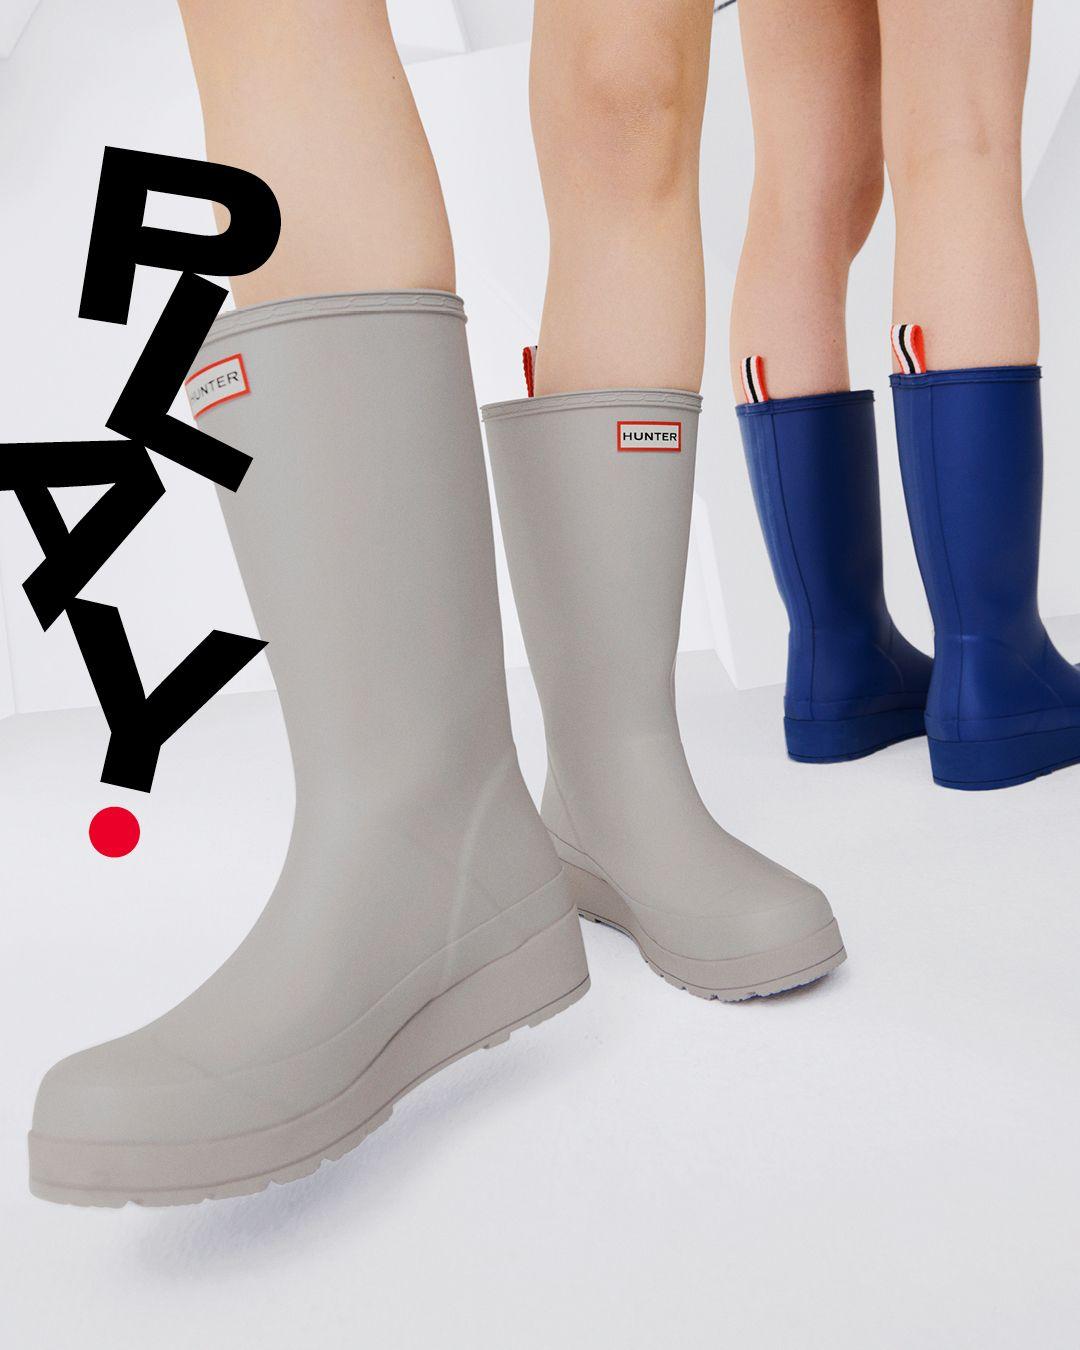 77e64e47832 The Play Boot - a new icon